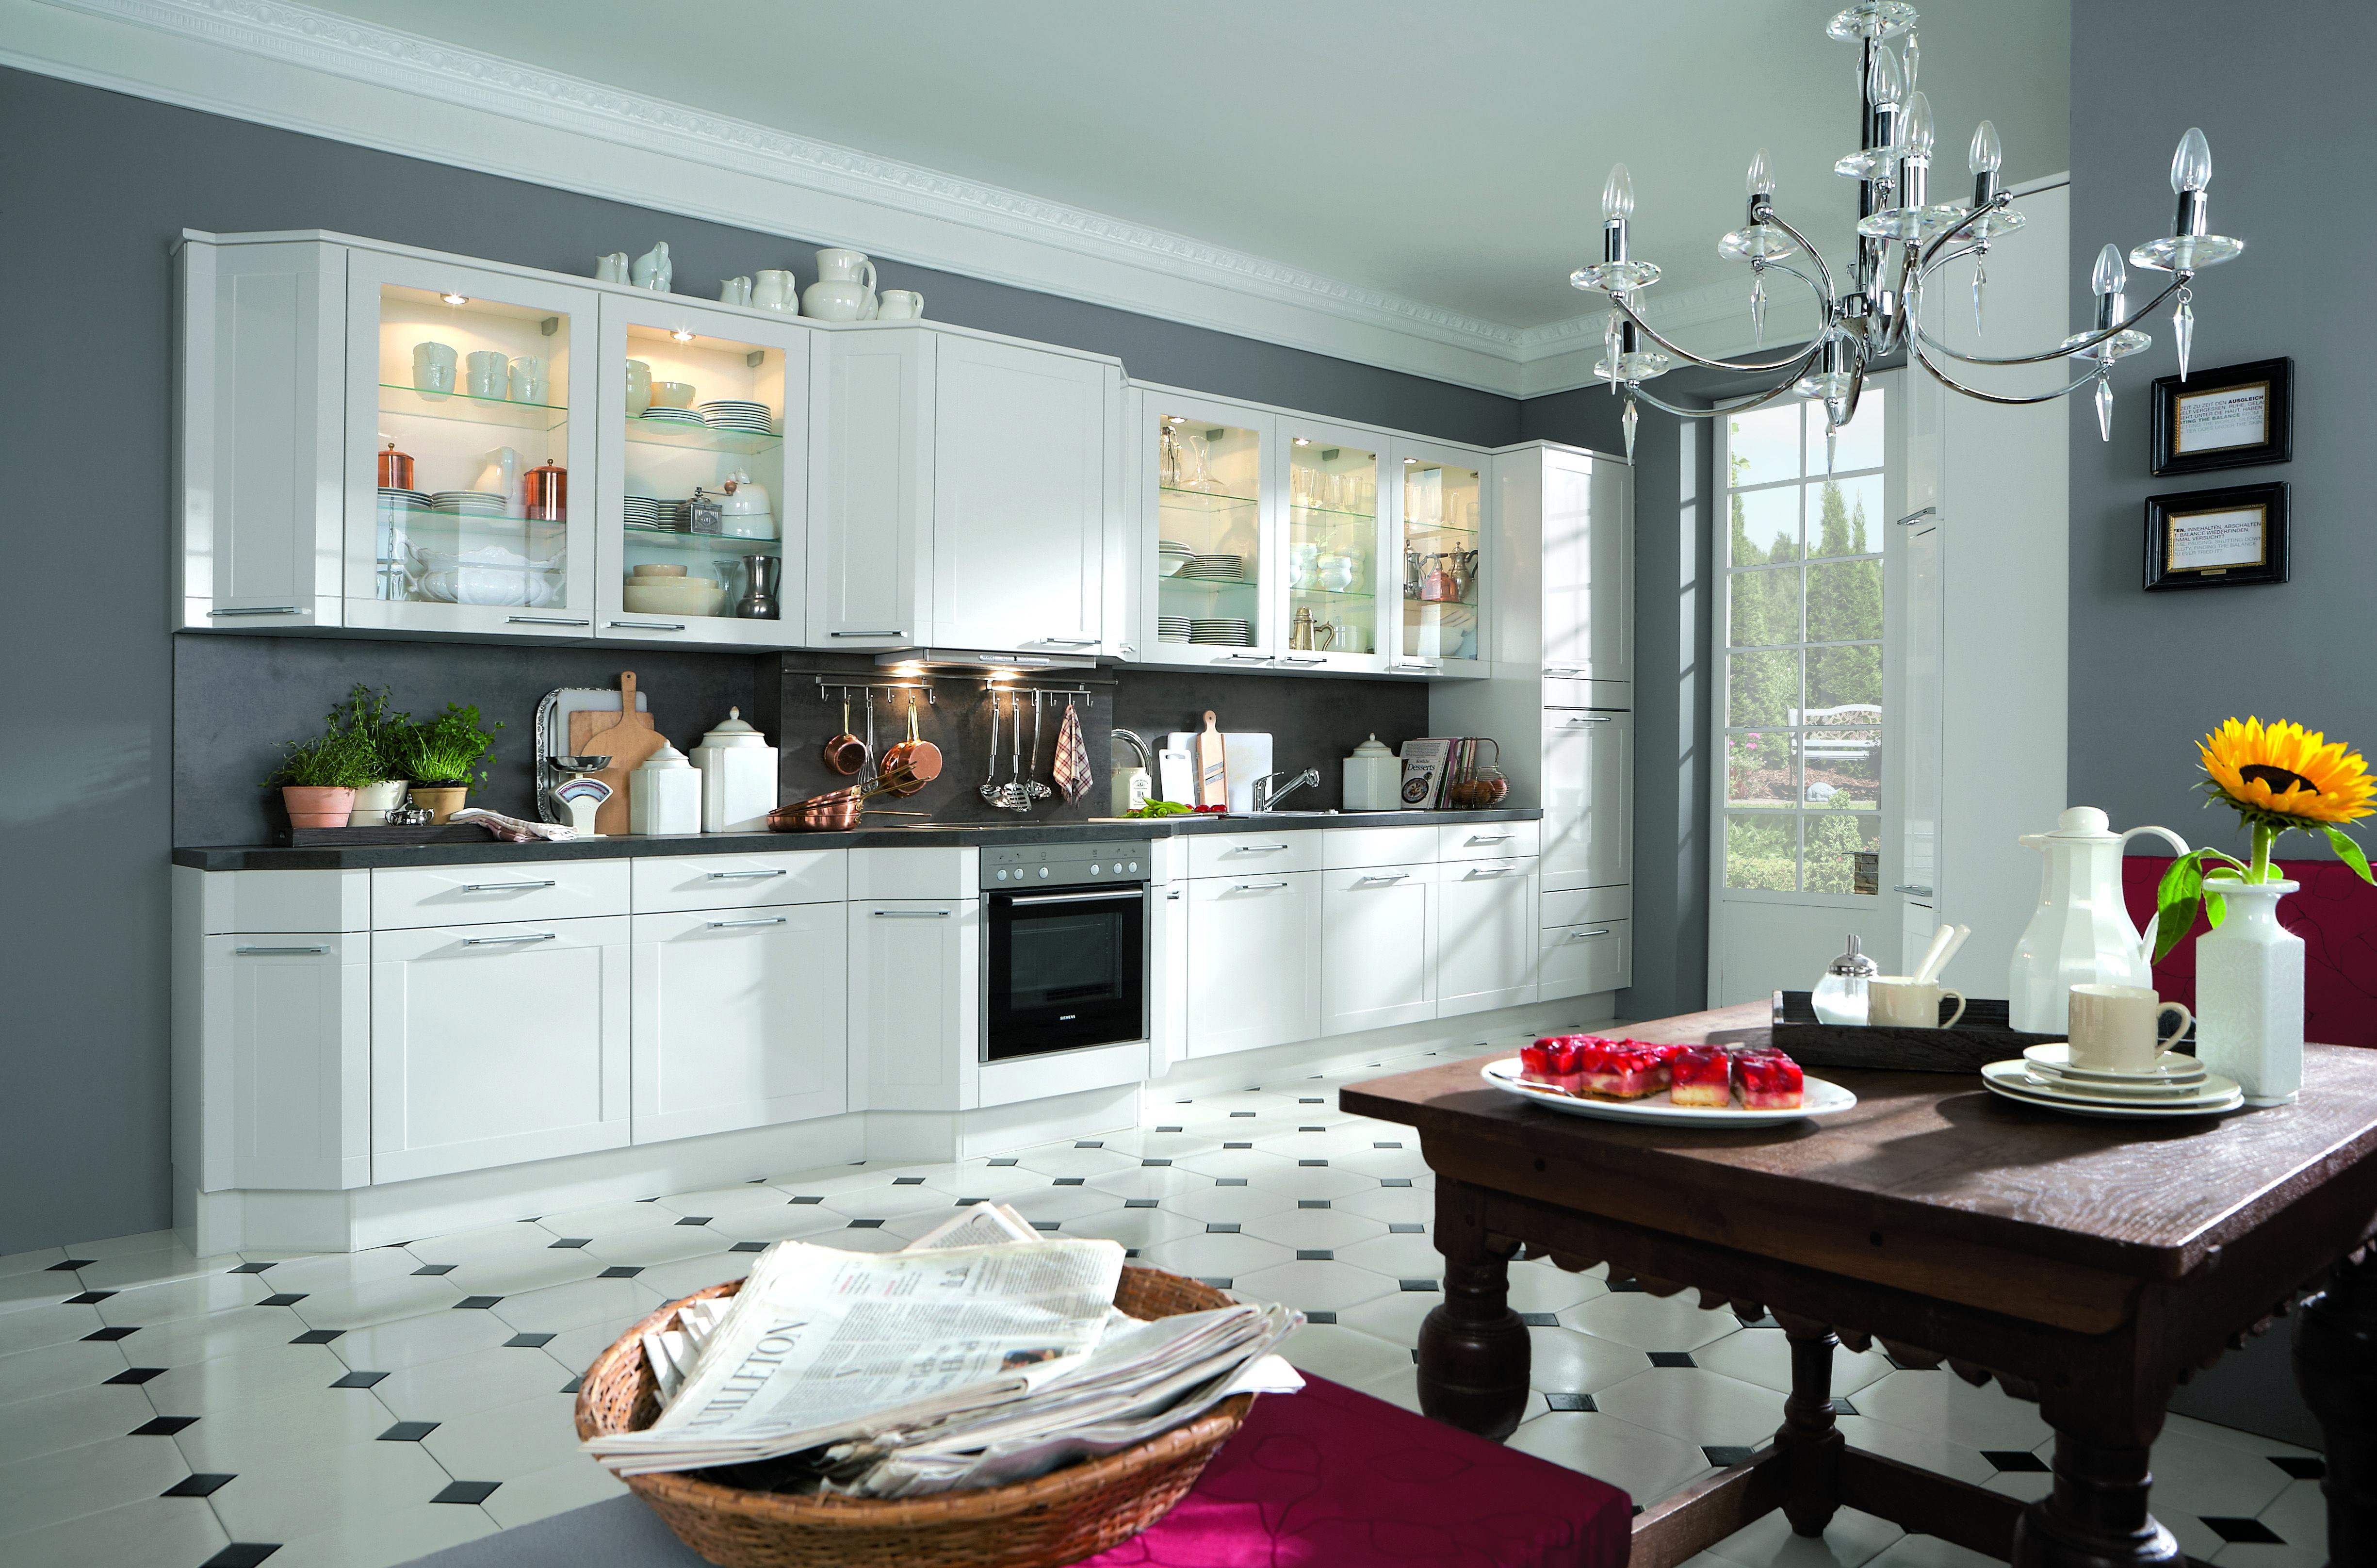 noblessa cuisine trendy cuisine schmidt courbevoie beautiful modle de salle de bains noblessa. Black Bedroom Furniture Sets. Home Design Ideas